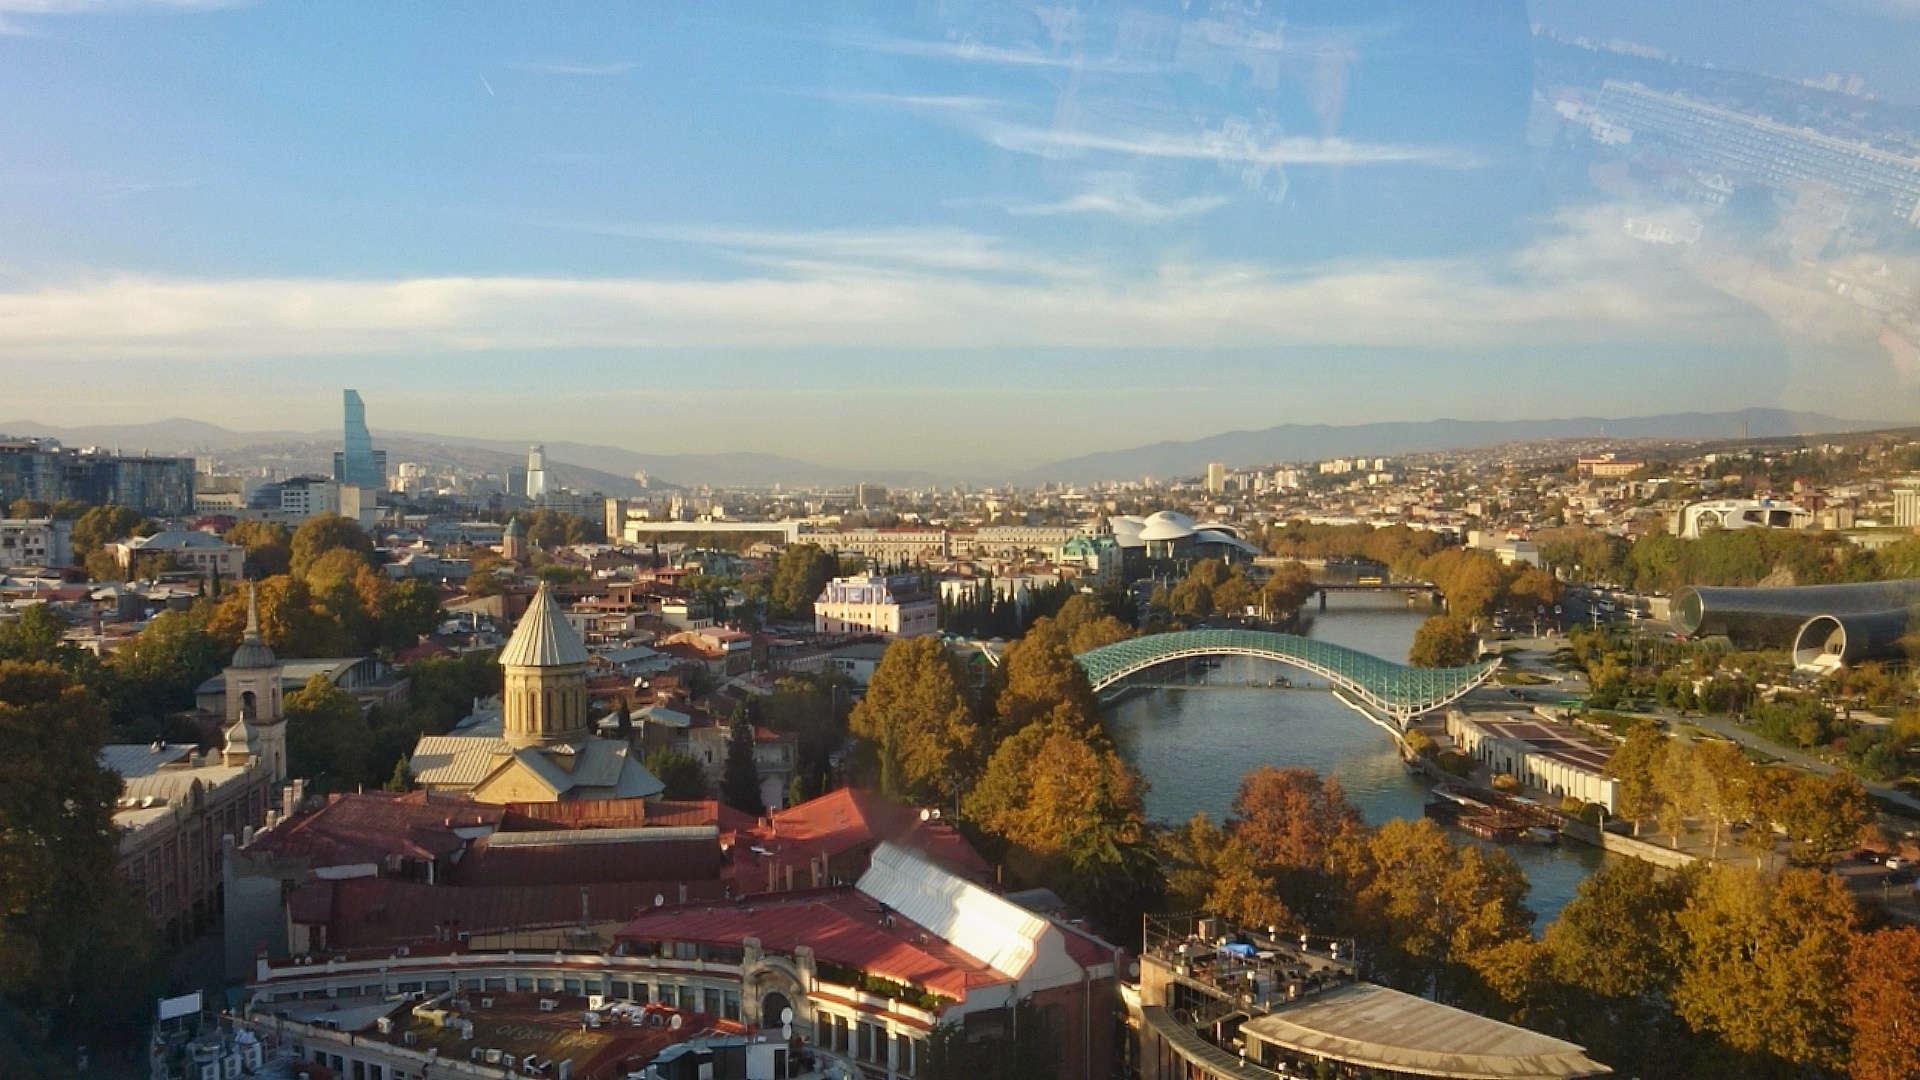 Zwiedzanie Tbilisi - widok z kolejki